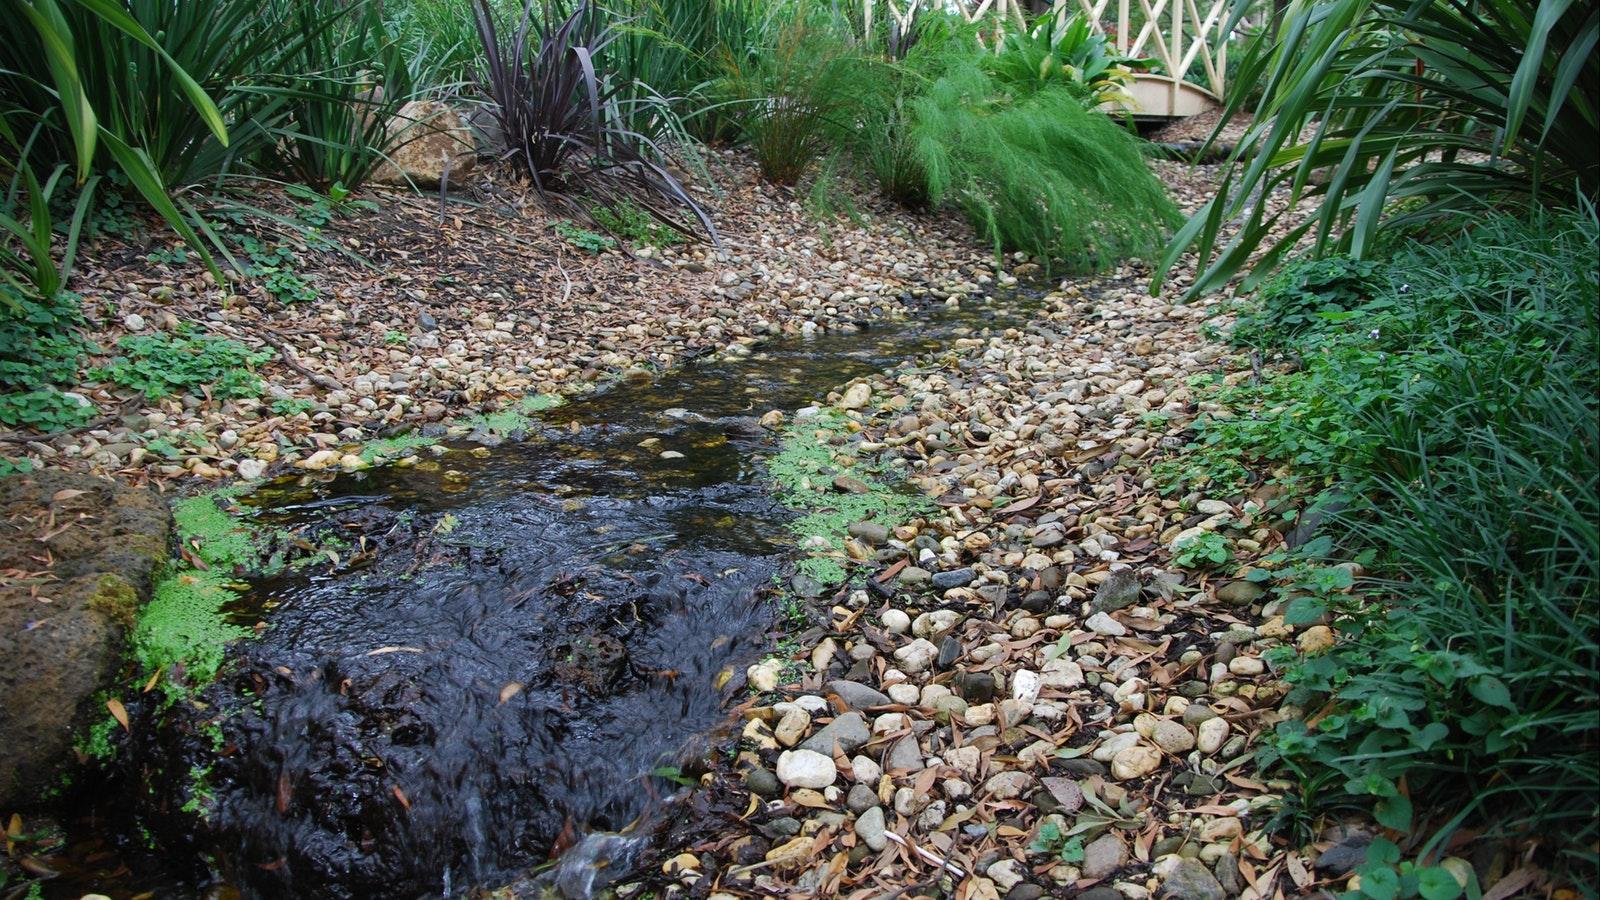 SkyHigh's Garden and creek